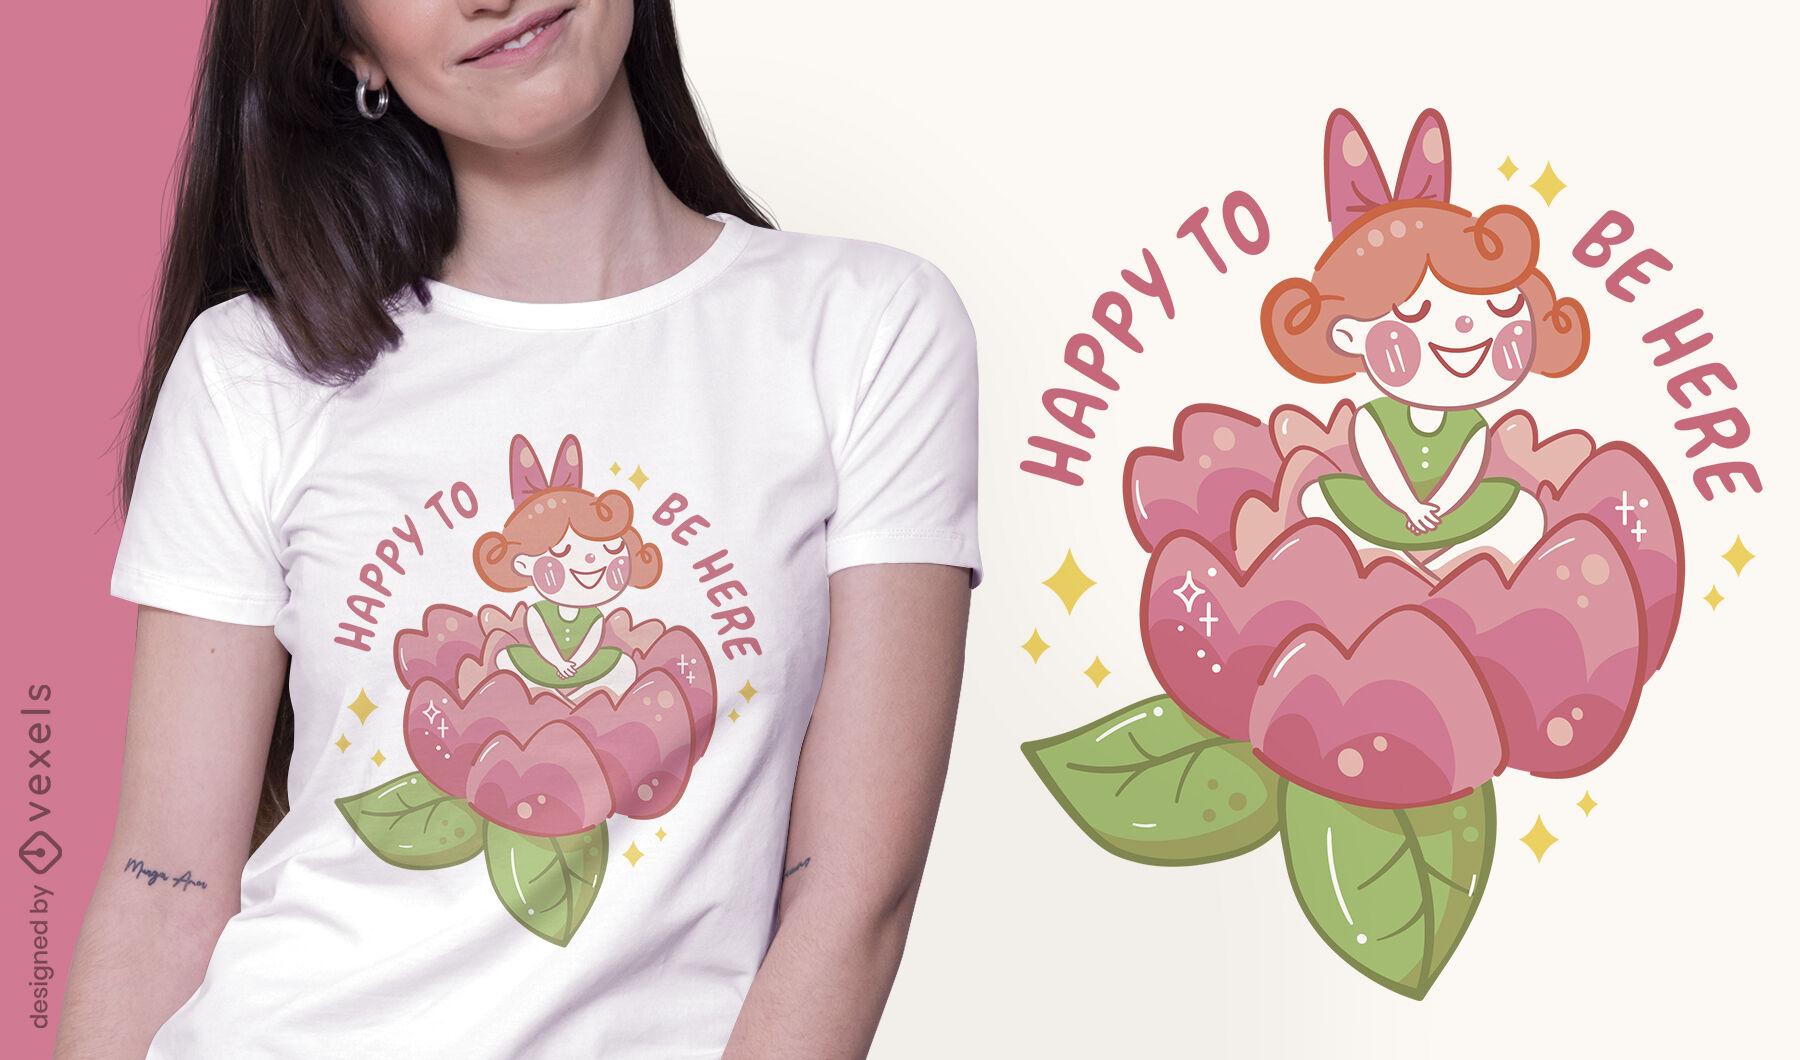 Dise?o de camiseta de ni?a de las flores feliz